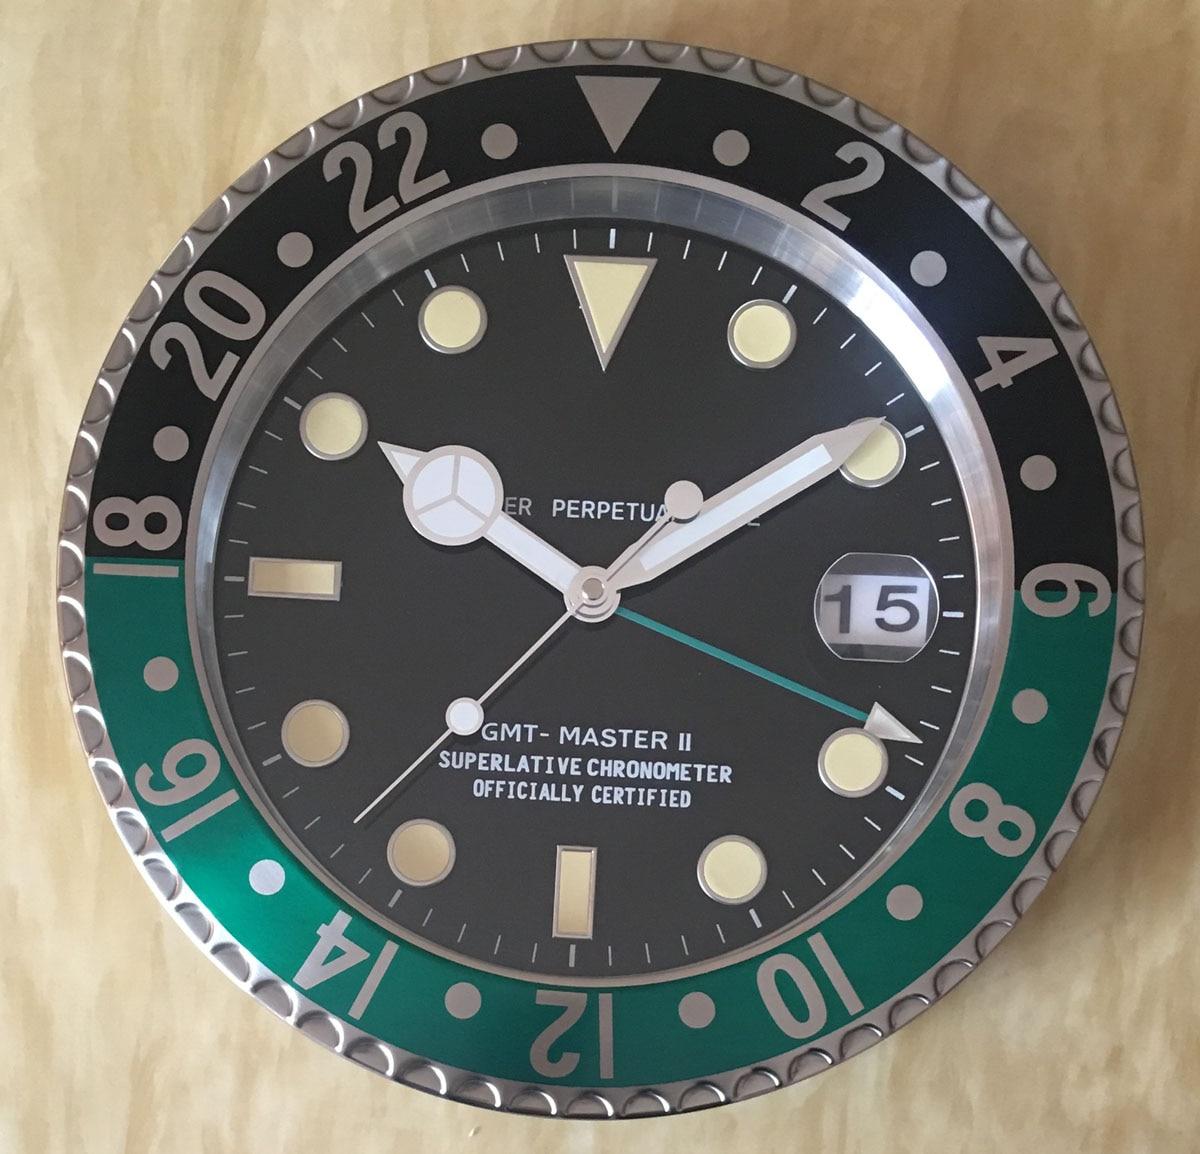 S & F Mit Lupe Einzelhandel Metall Uhr Form Wanduhr mit Kalender Luxus Uhr an Der Wand - 5